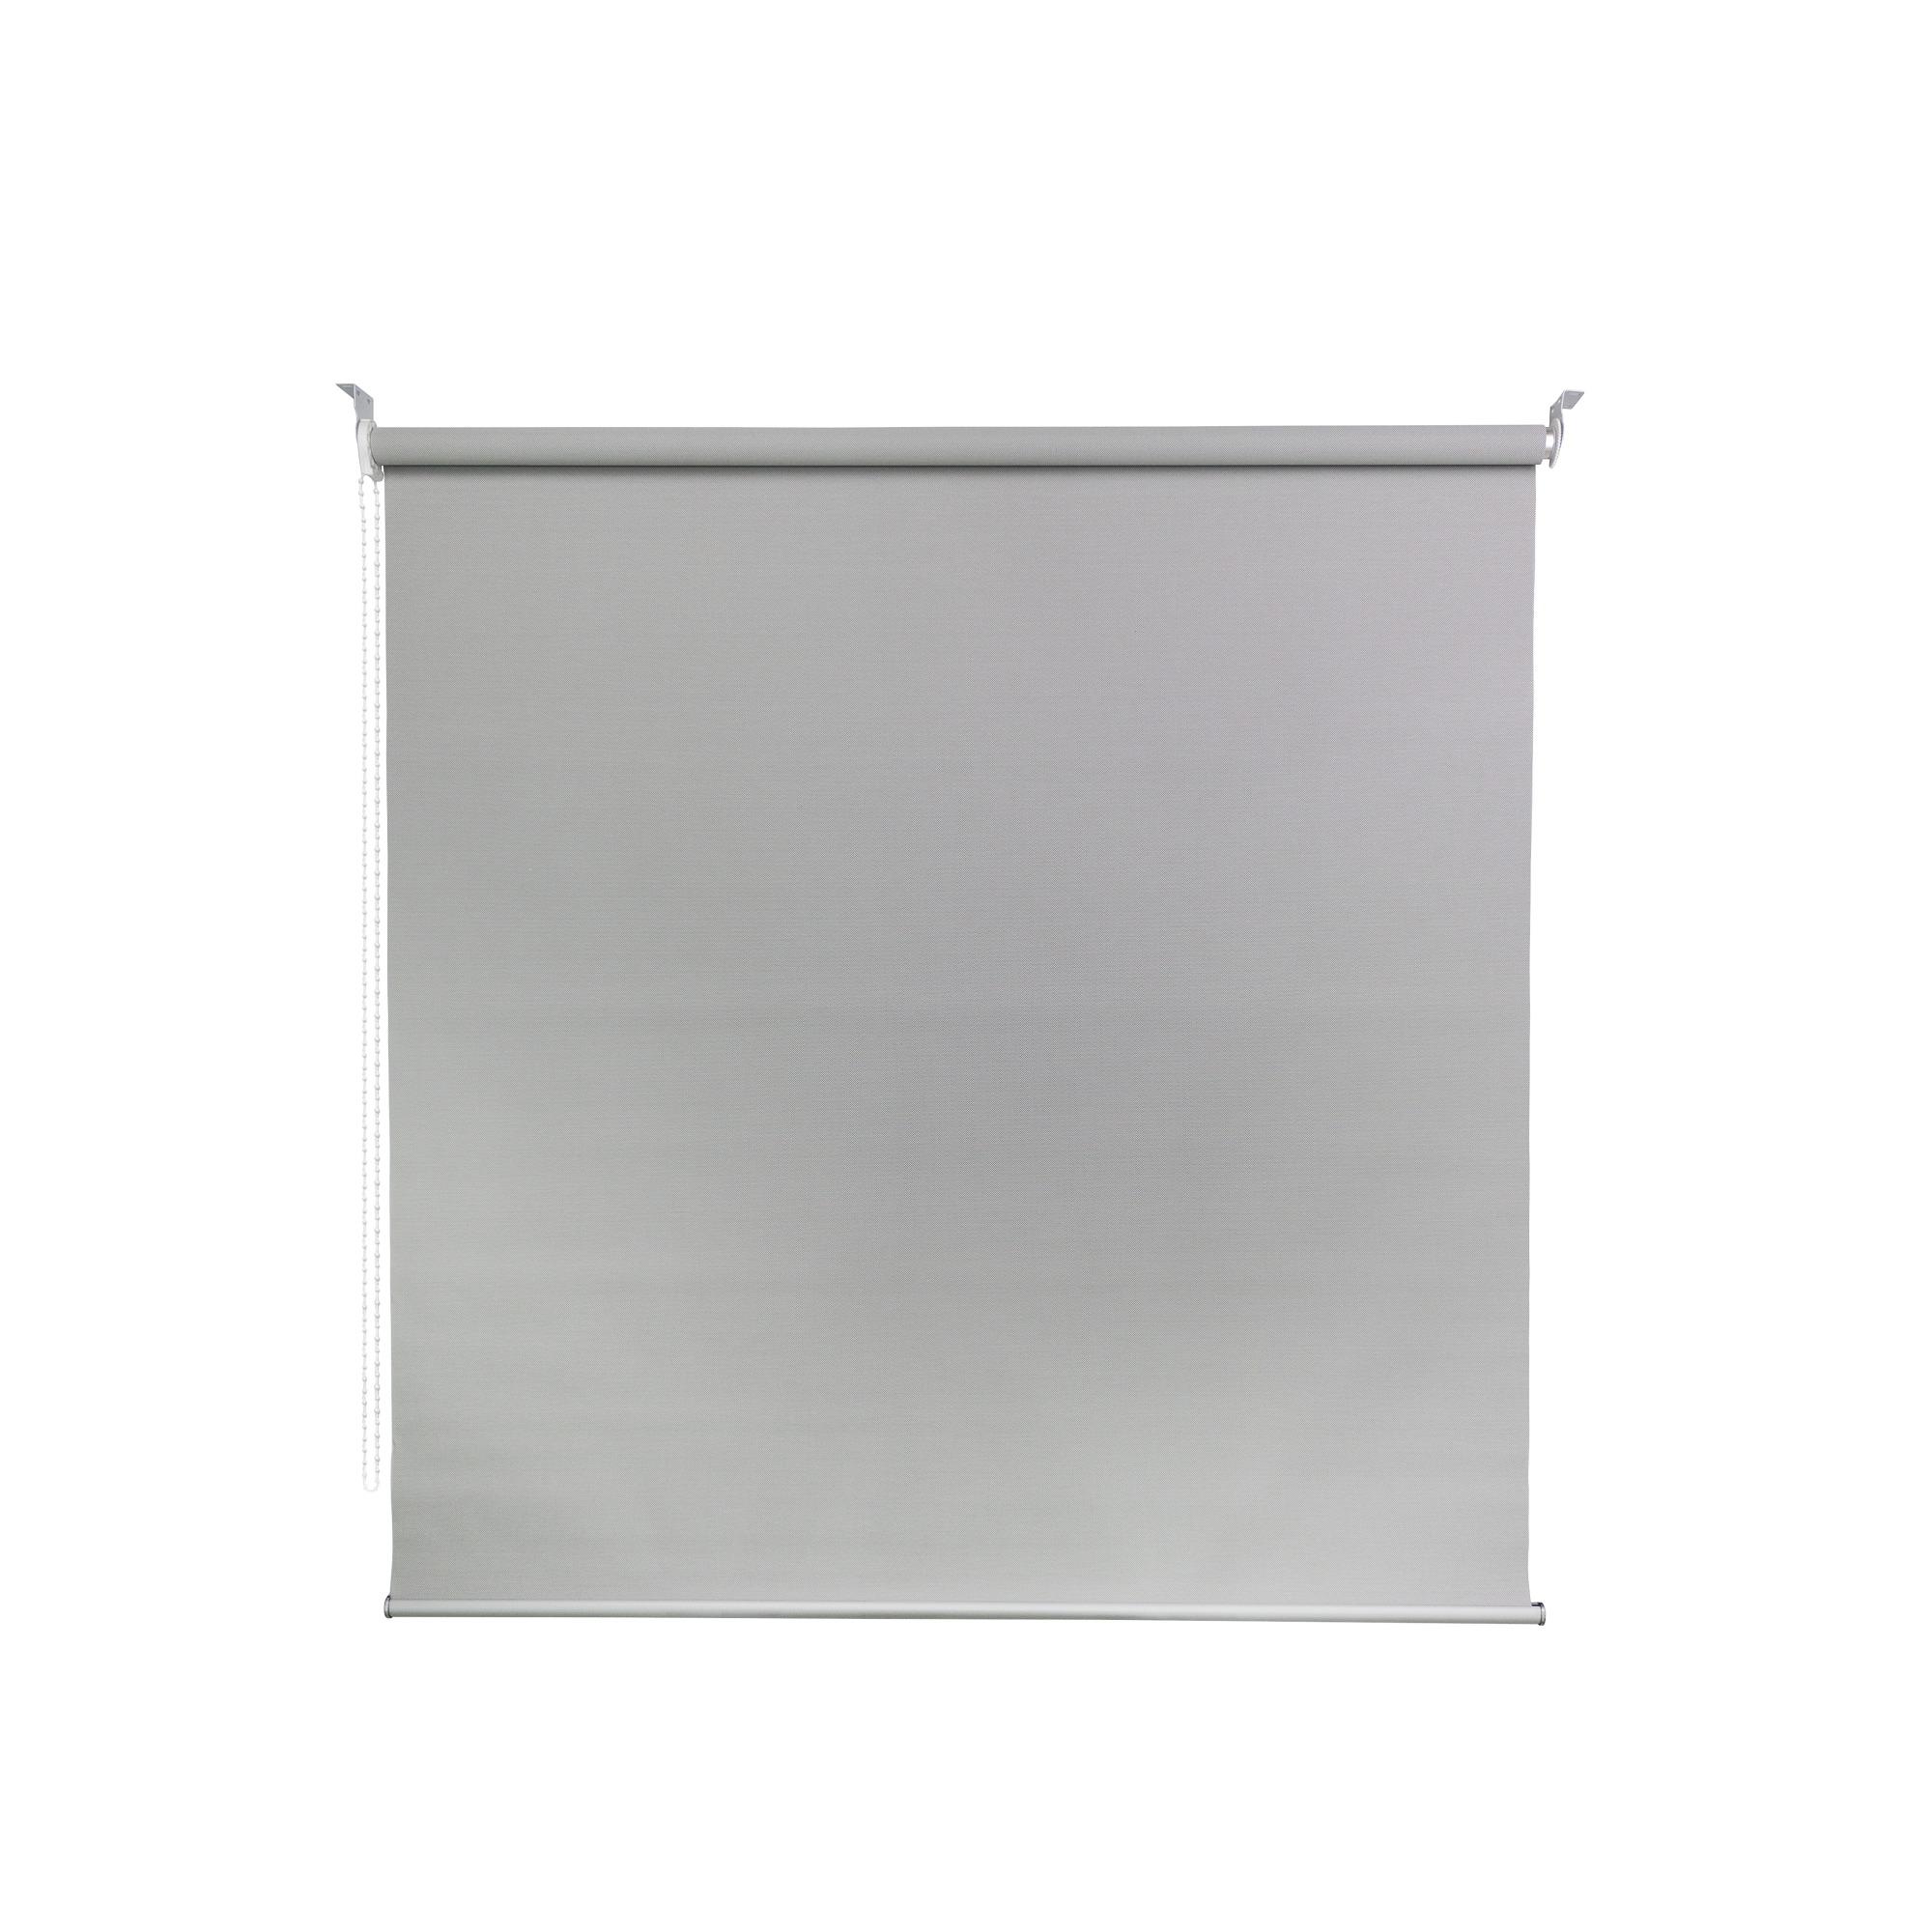 Persiana Rolo Poliester e PVC 100x170 cm Cinza 50A10 - Jolie